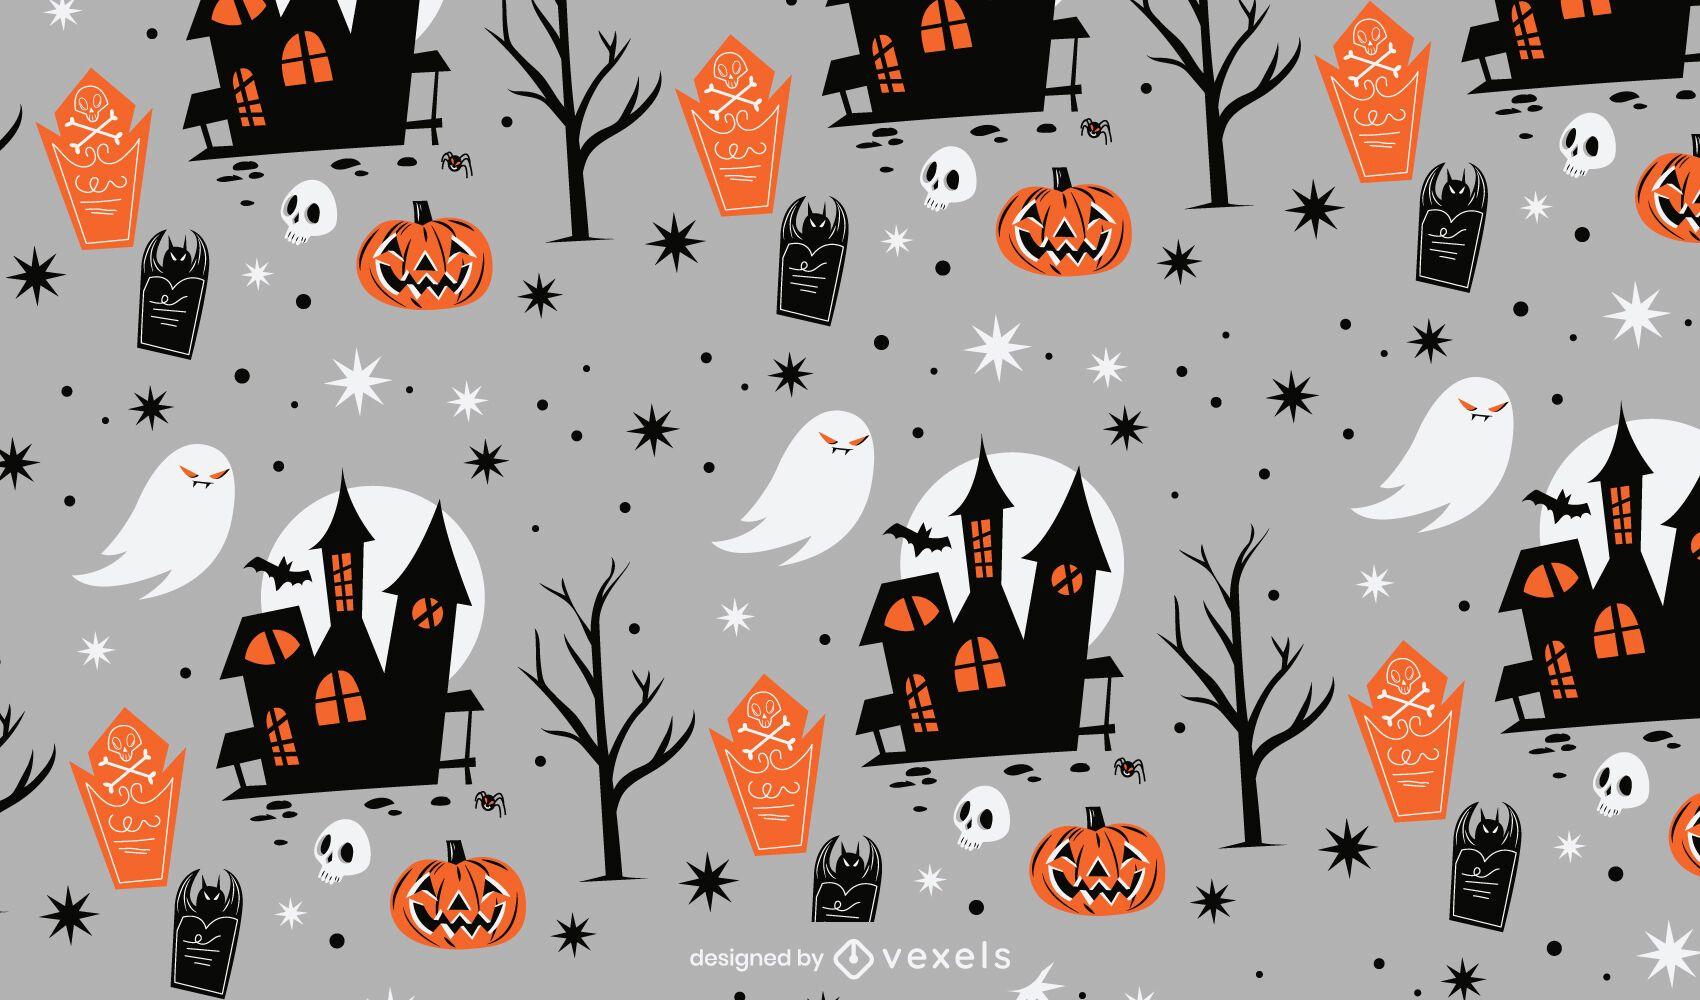 Projeto de padrão de castelo assombrado de Halloween